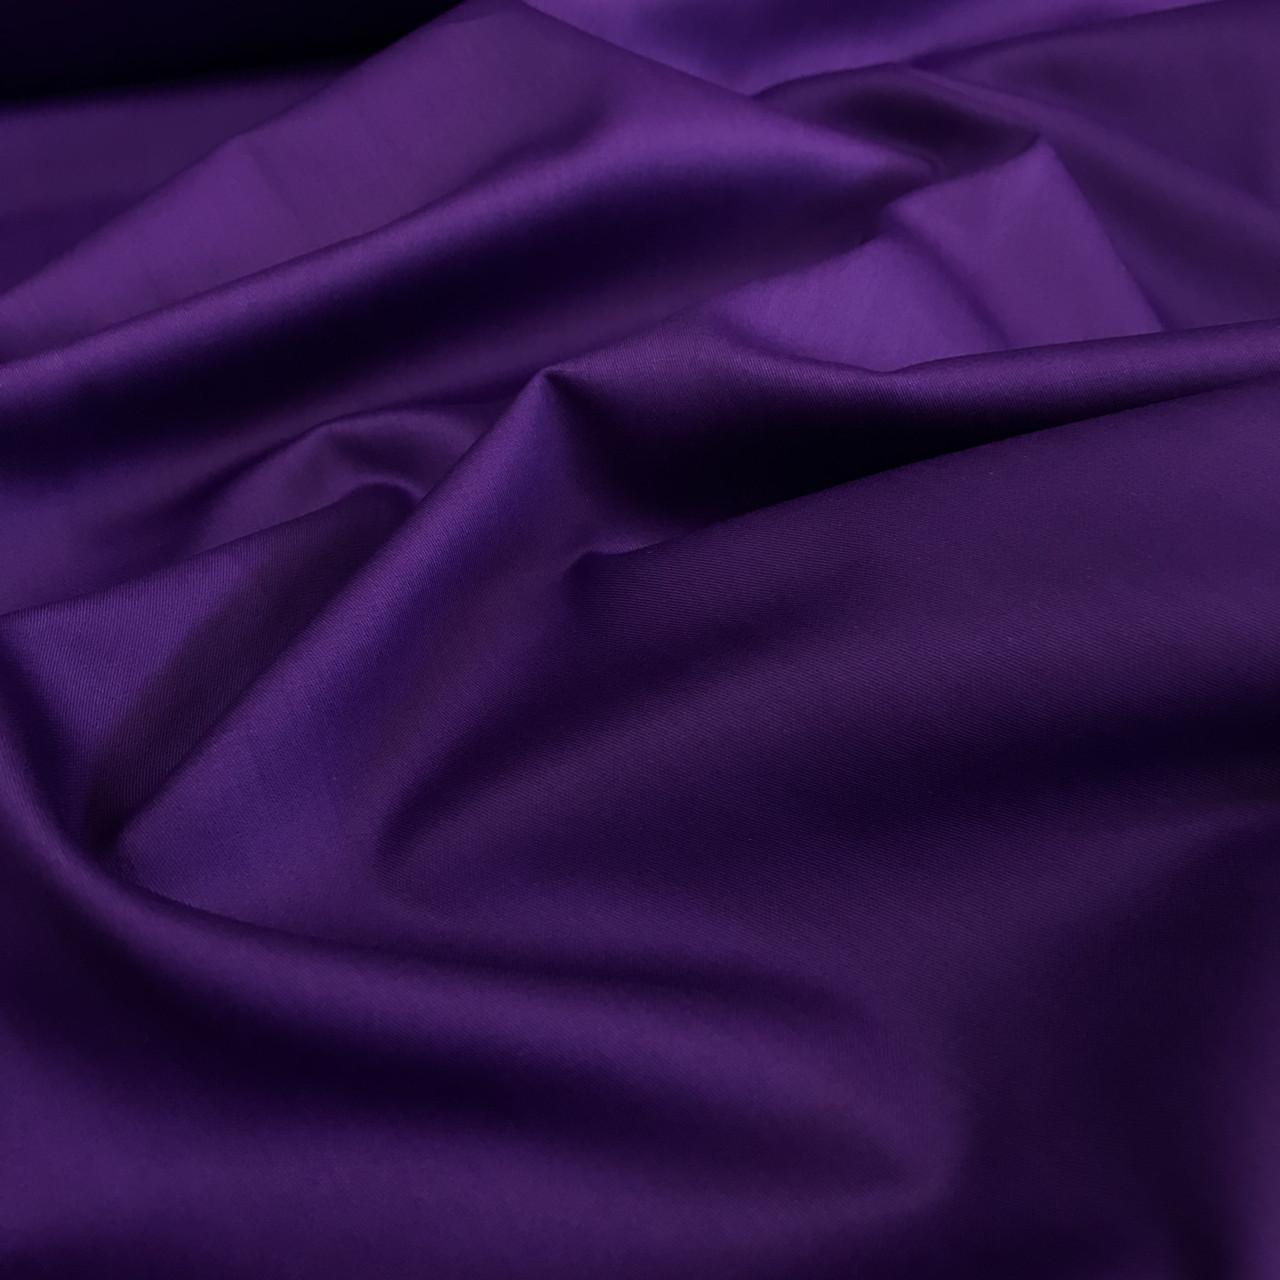 Сатин темно-фиолетовый мерсеризованный  (ТУРЦИЯ шир. 2,4 м) ОТРЕЗ (0.4*2.4)